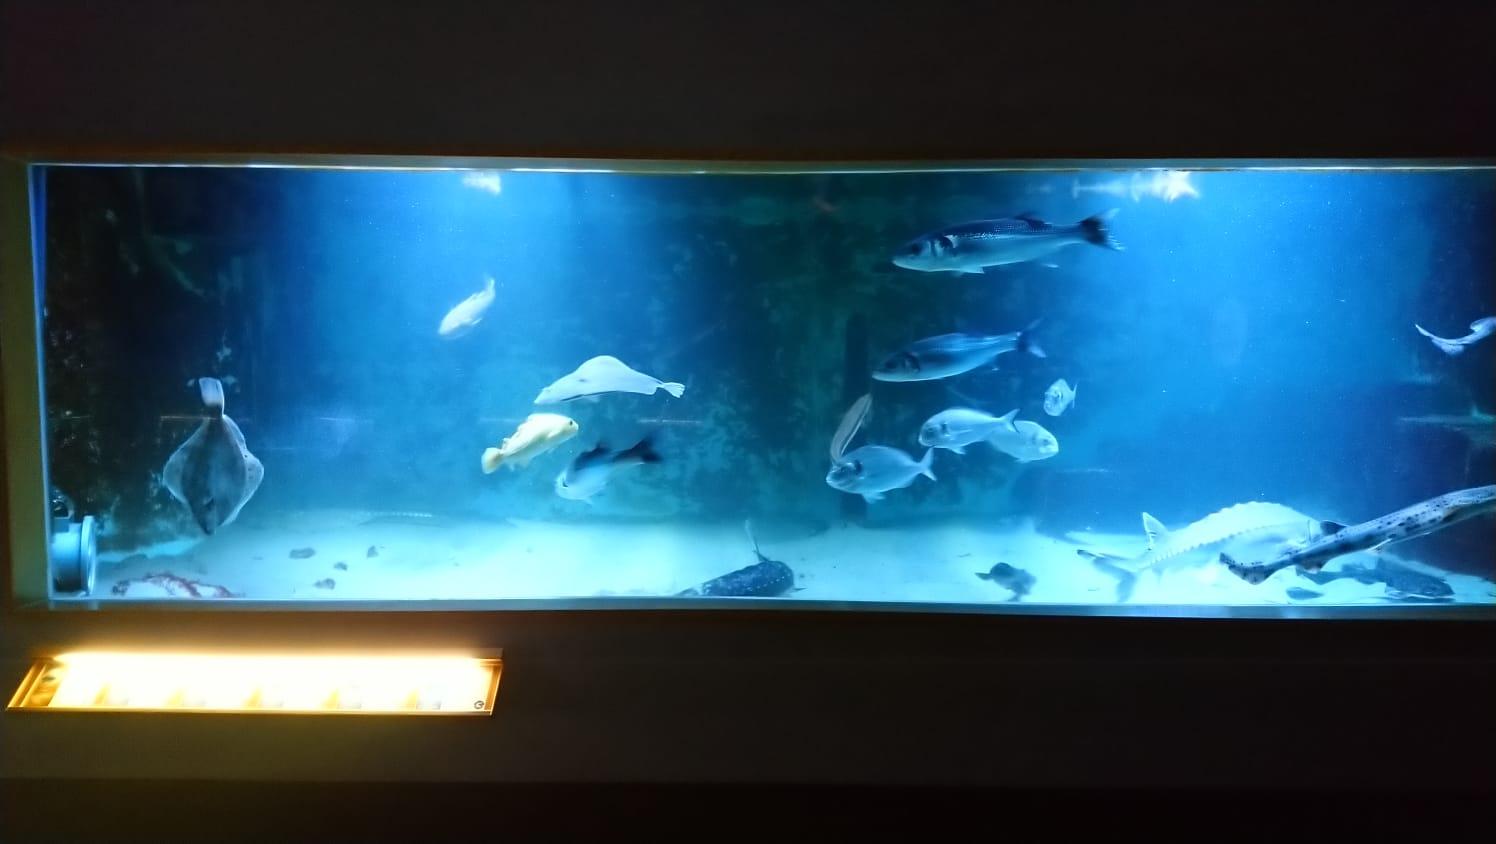 Wasserdichte Webcam für Livestreaming von HIKVISION im Einsatz.